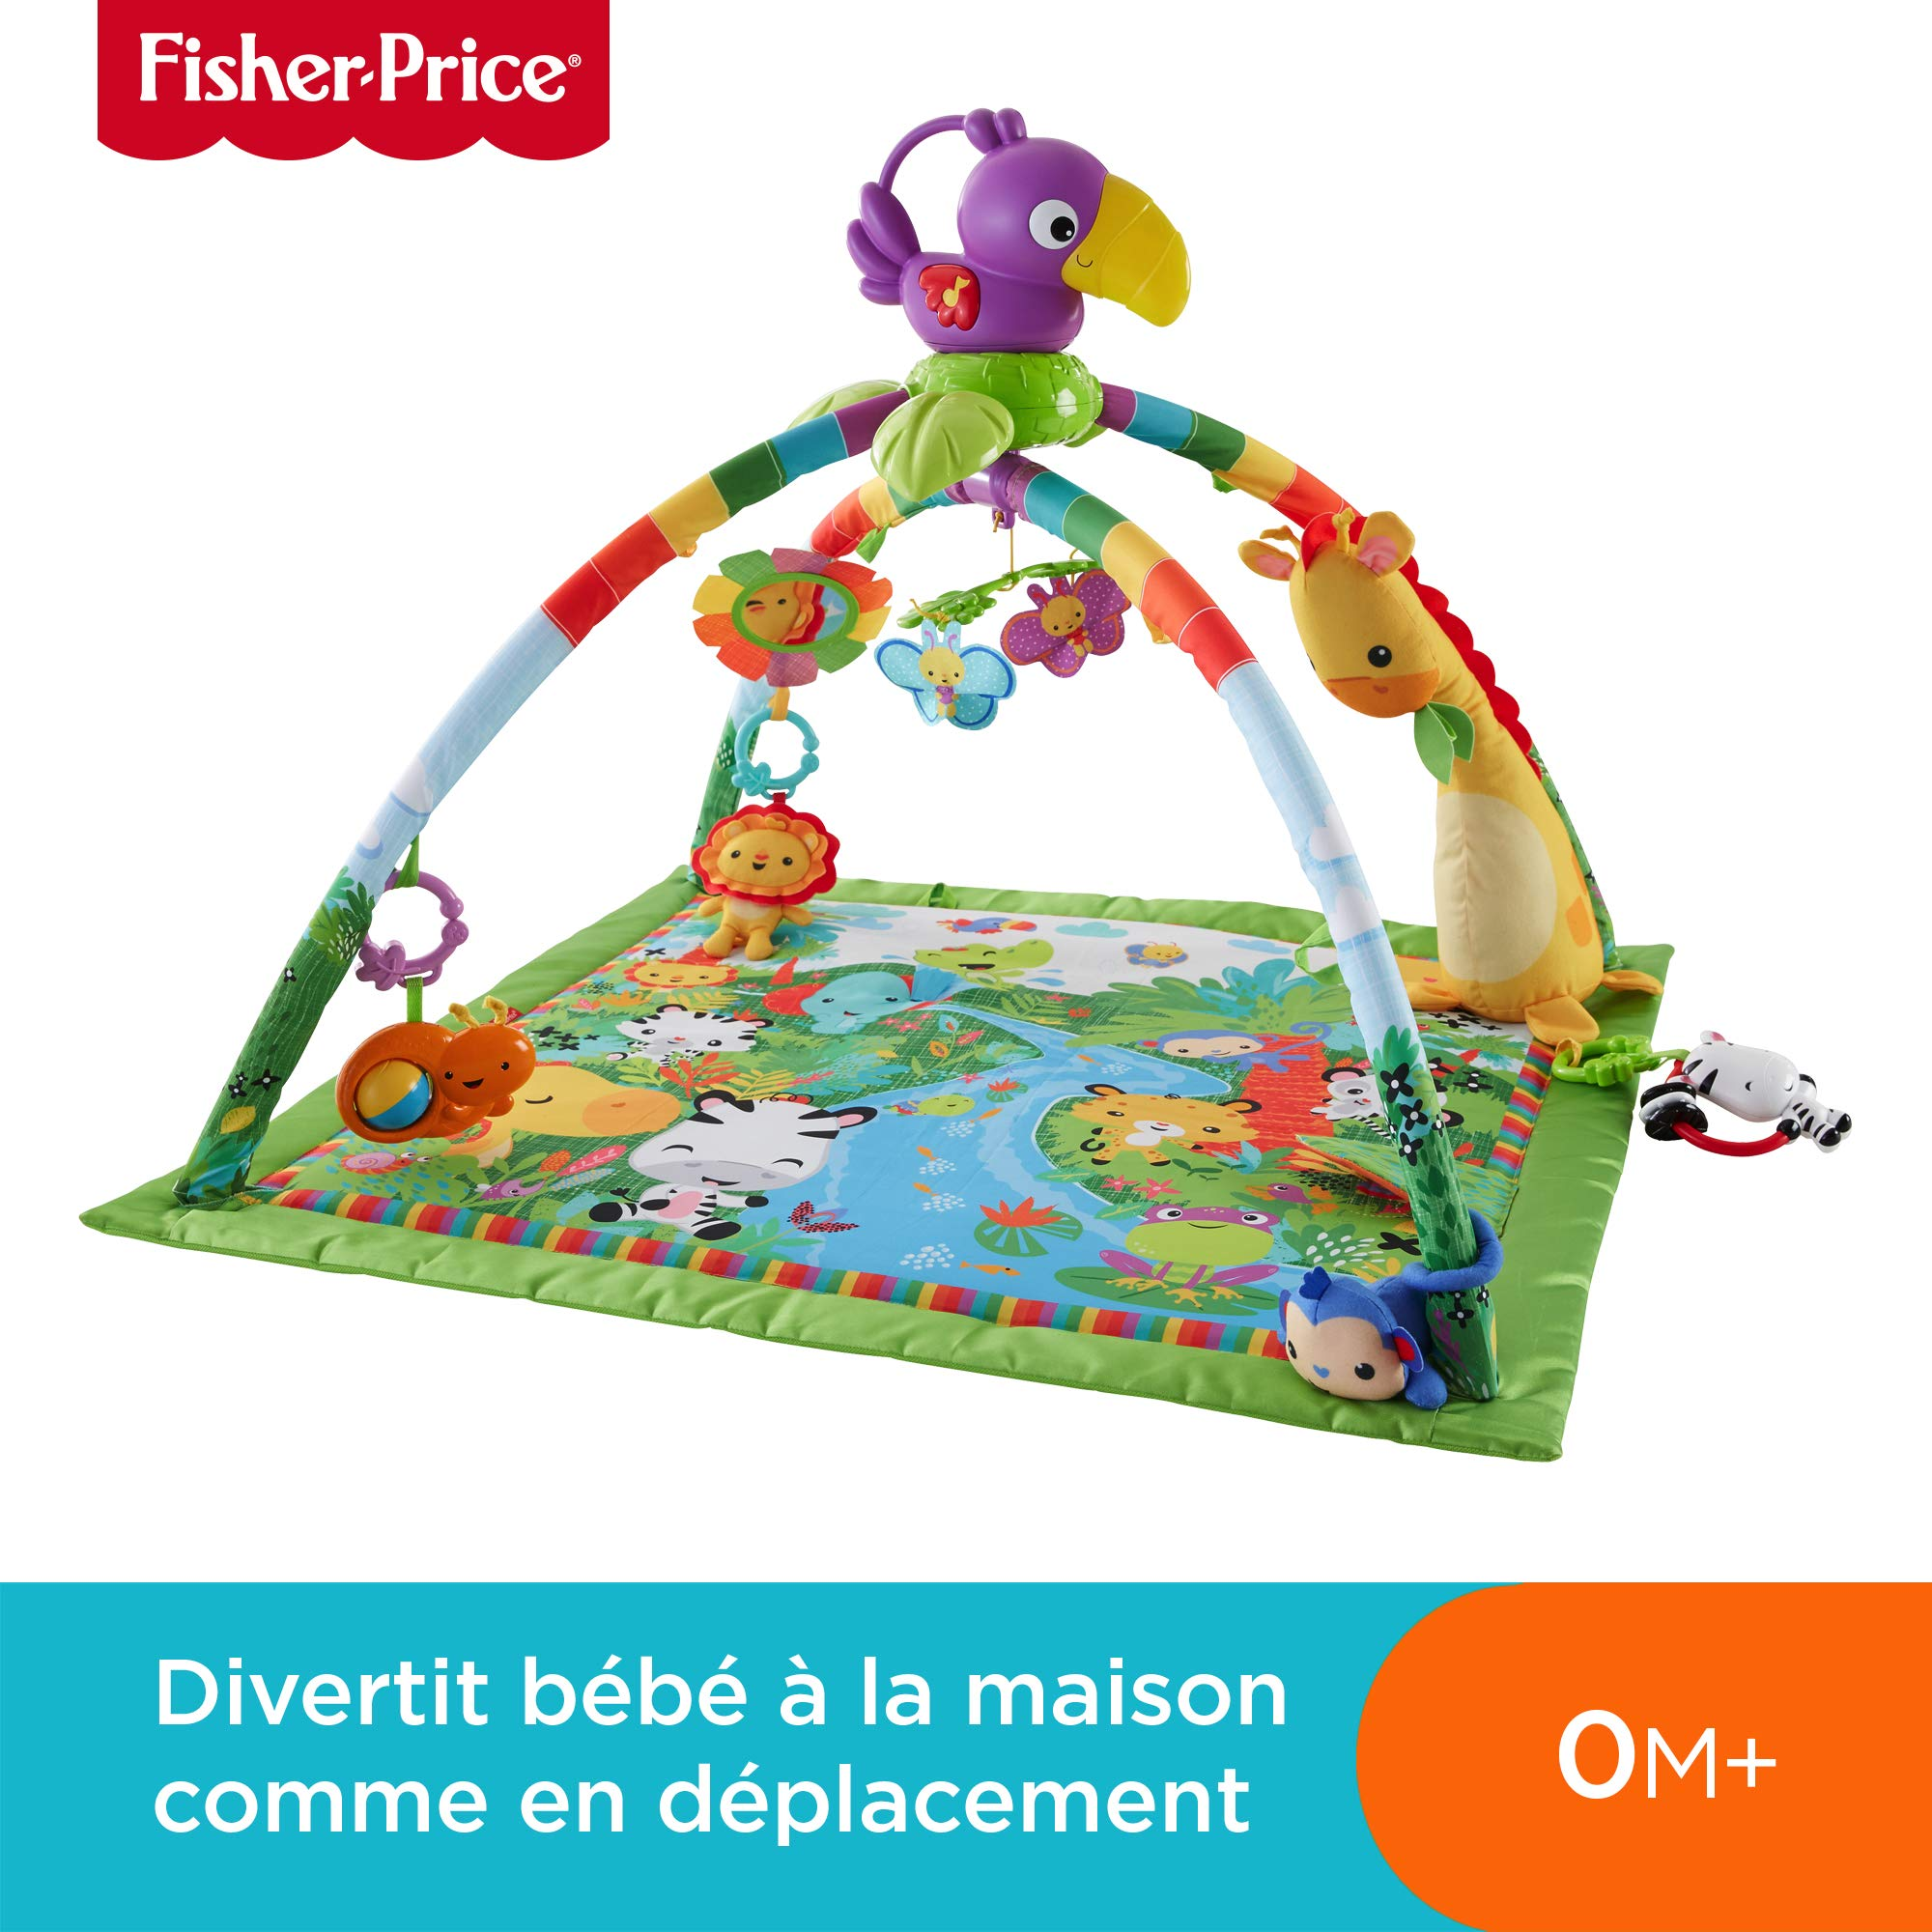 Fisher-Price Tapis Musical d'Éveil de la Jungle pour Bébé, avec Plus de 10 Jouets et Activités, Musique et Lumières Dansantes, dès la Naissance, DFP08 product image